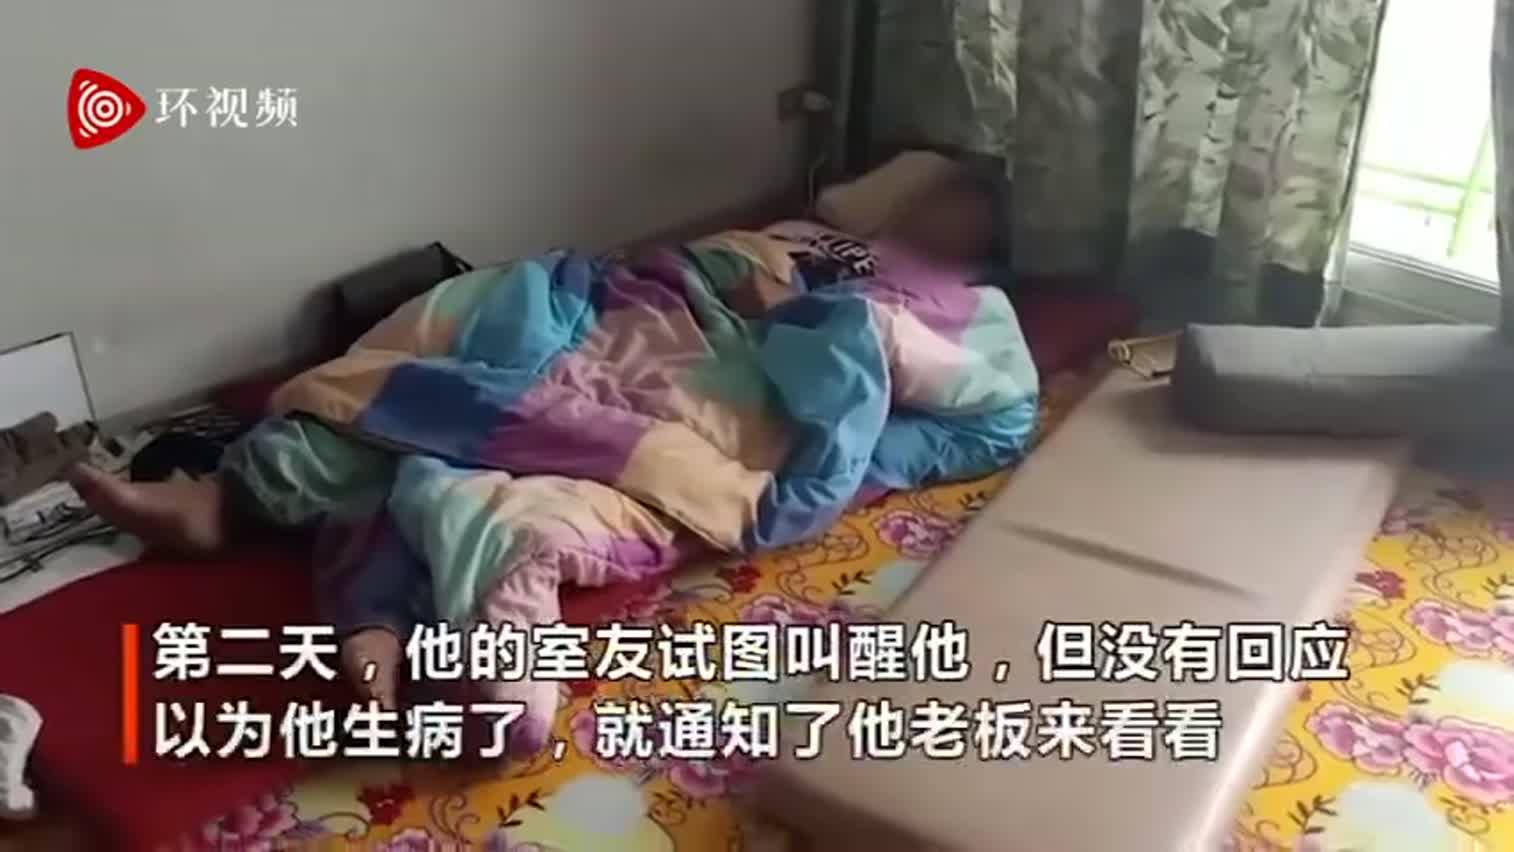 视频-边充电边玩手机 泰国男子疑似触电身亡